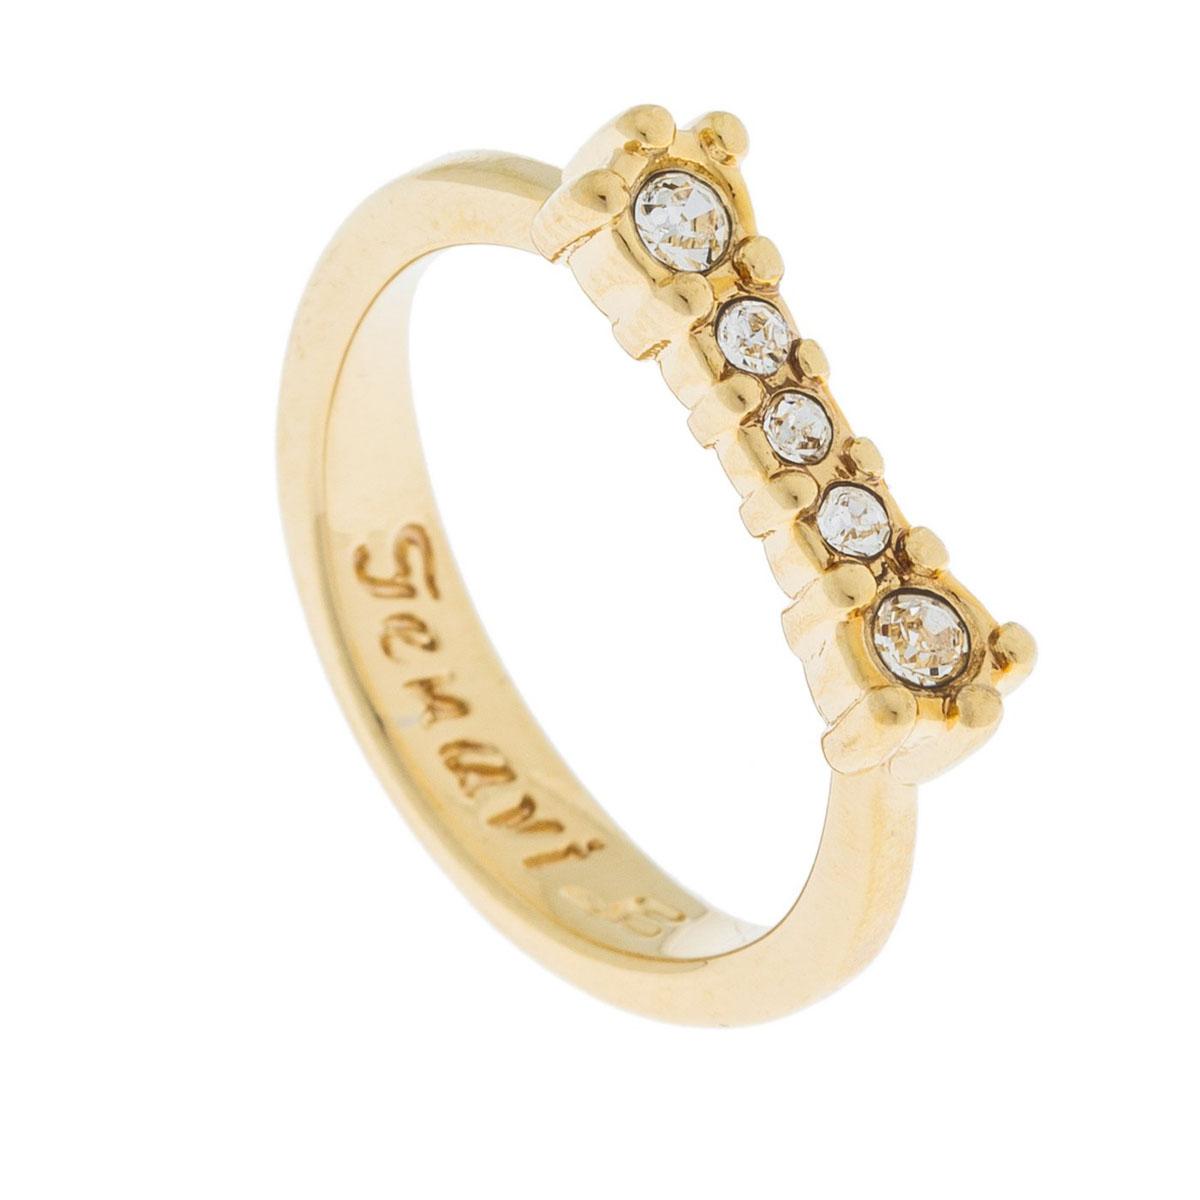 Кольцо Jenavi Эми, цвет: золотой, белый. k497p000. Размер 17k497p000Коллекция Э, Эми (Кольцо) гипоаллергенный ювелирный сплав,Позолота, вставка Кристаллы Swarovski